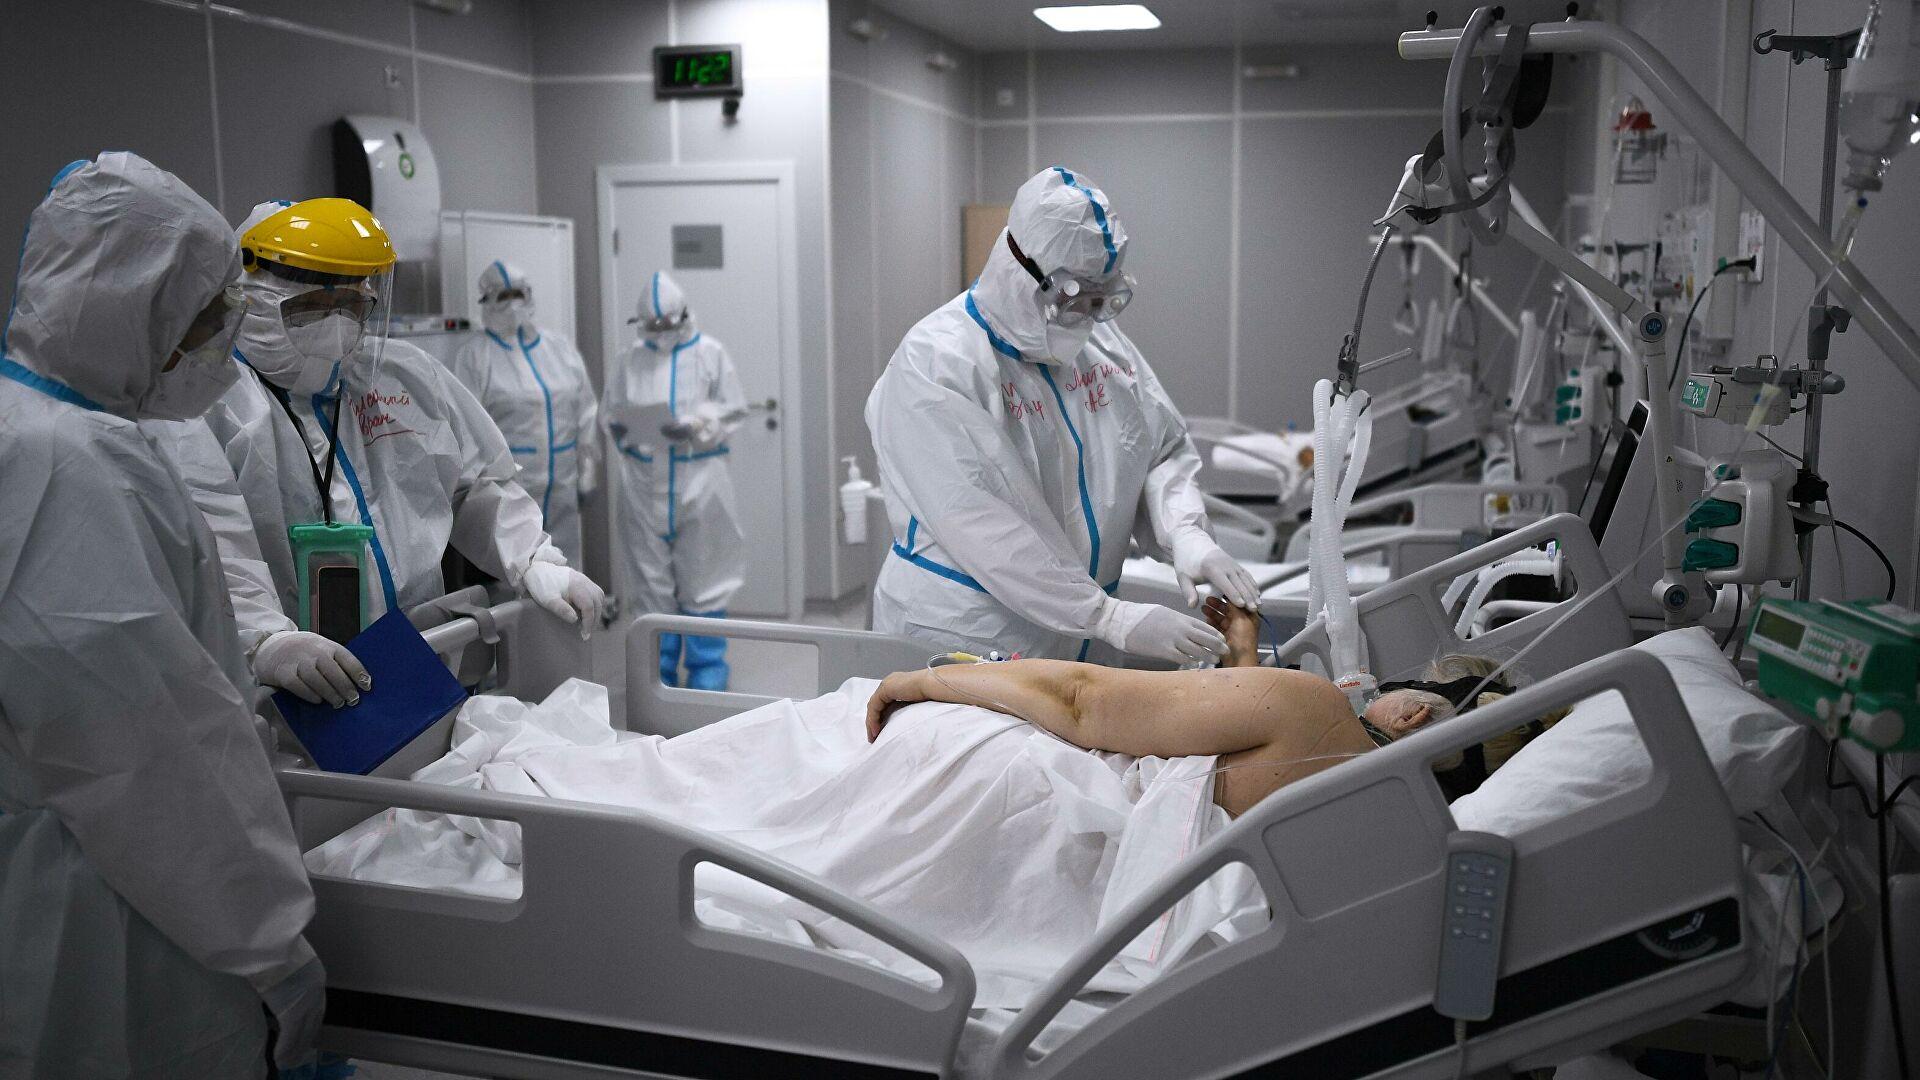 В Австрии скончался 41 человек после вакцинации Pfizer/BioNtech